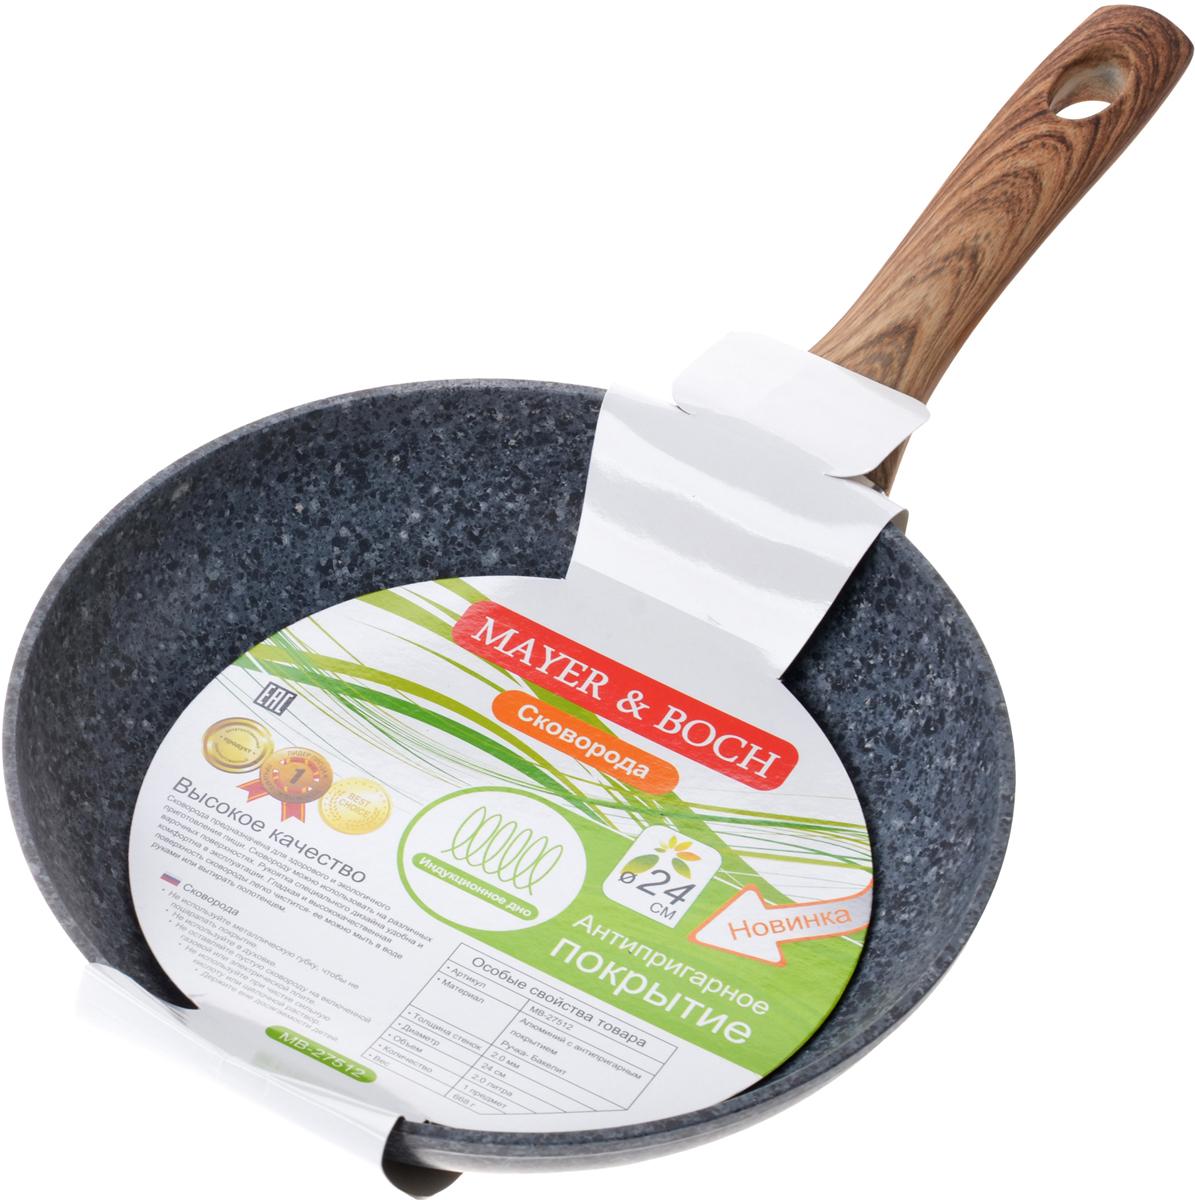 """Сковорода """"Mayer & Boch"""" выполнена из качественного штампованного алюминия и снабжена антипригарным гранитным покрытием особой прочности. Антипригарное жаропрочное покрытие защищает сковороду от царапин, является экологически чистым и полностью безопасным, без вредных соединений и примесей. За счет того, что пища не пригорает и не пристает к покрытию сковороды, ее легко и быстро мыть. Прочное индукционное дно сковороды устойчиво к повреждениям и деформации. Эргономичная ручка из бакелита не нагревается и не скользит в руке. Такая сковорода является незаменимой для жарки и тушения различных блюд. Подходит для использования на всех типах плит, включая индукционные. Подходит для мытья в посудомоечной машине."""